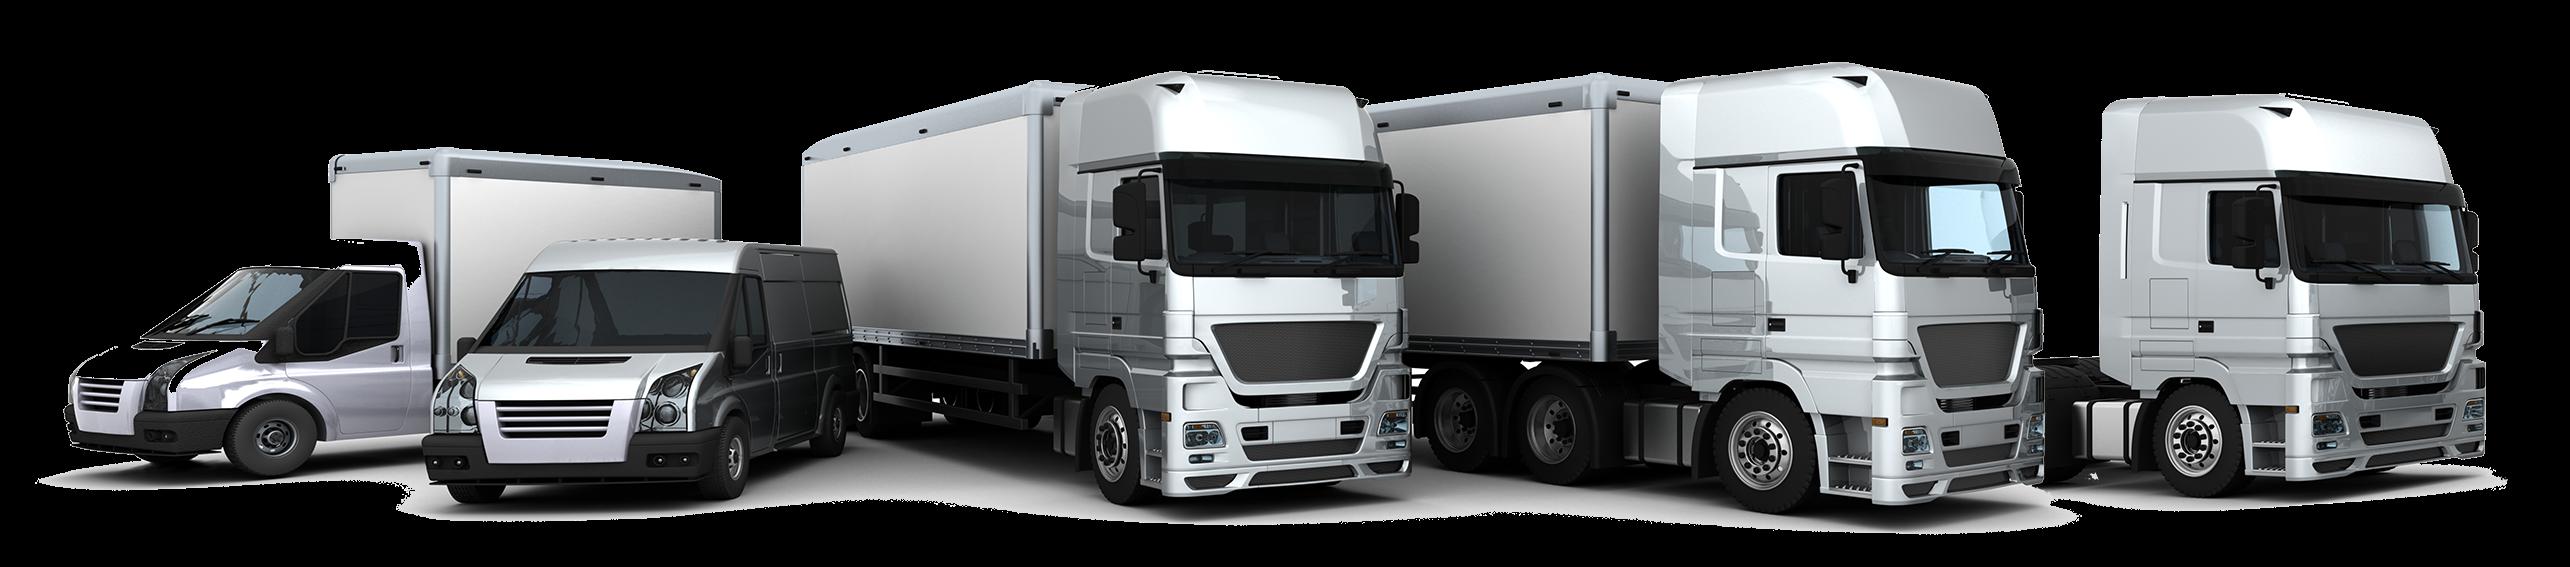 Jaltest CV – монтирани на камиони, автобуси, ремаркета, бусове и пикапи